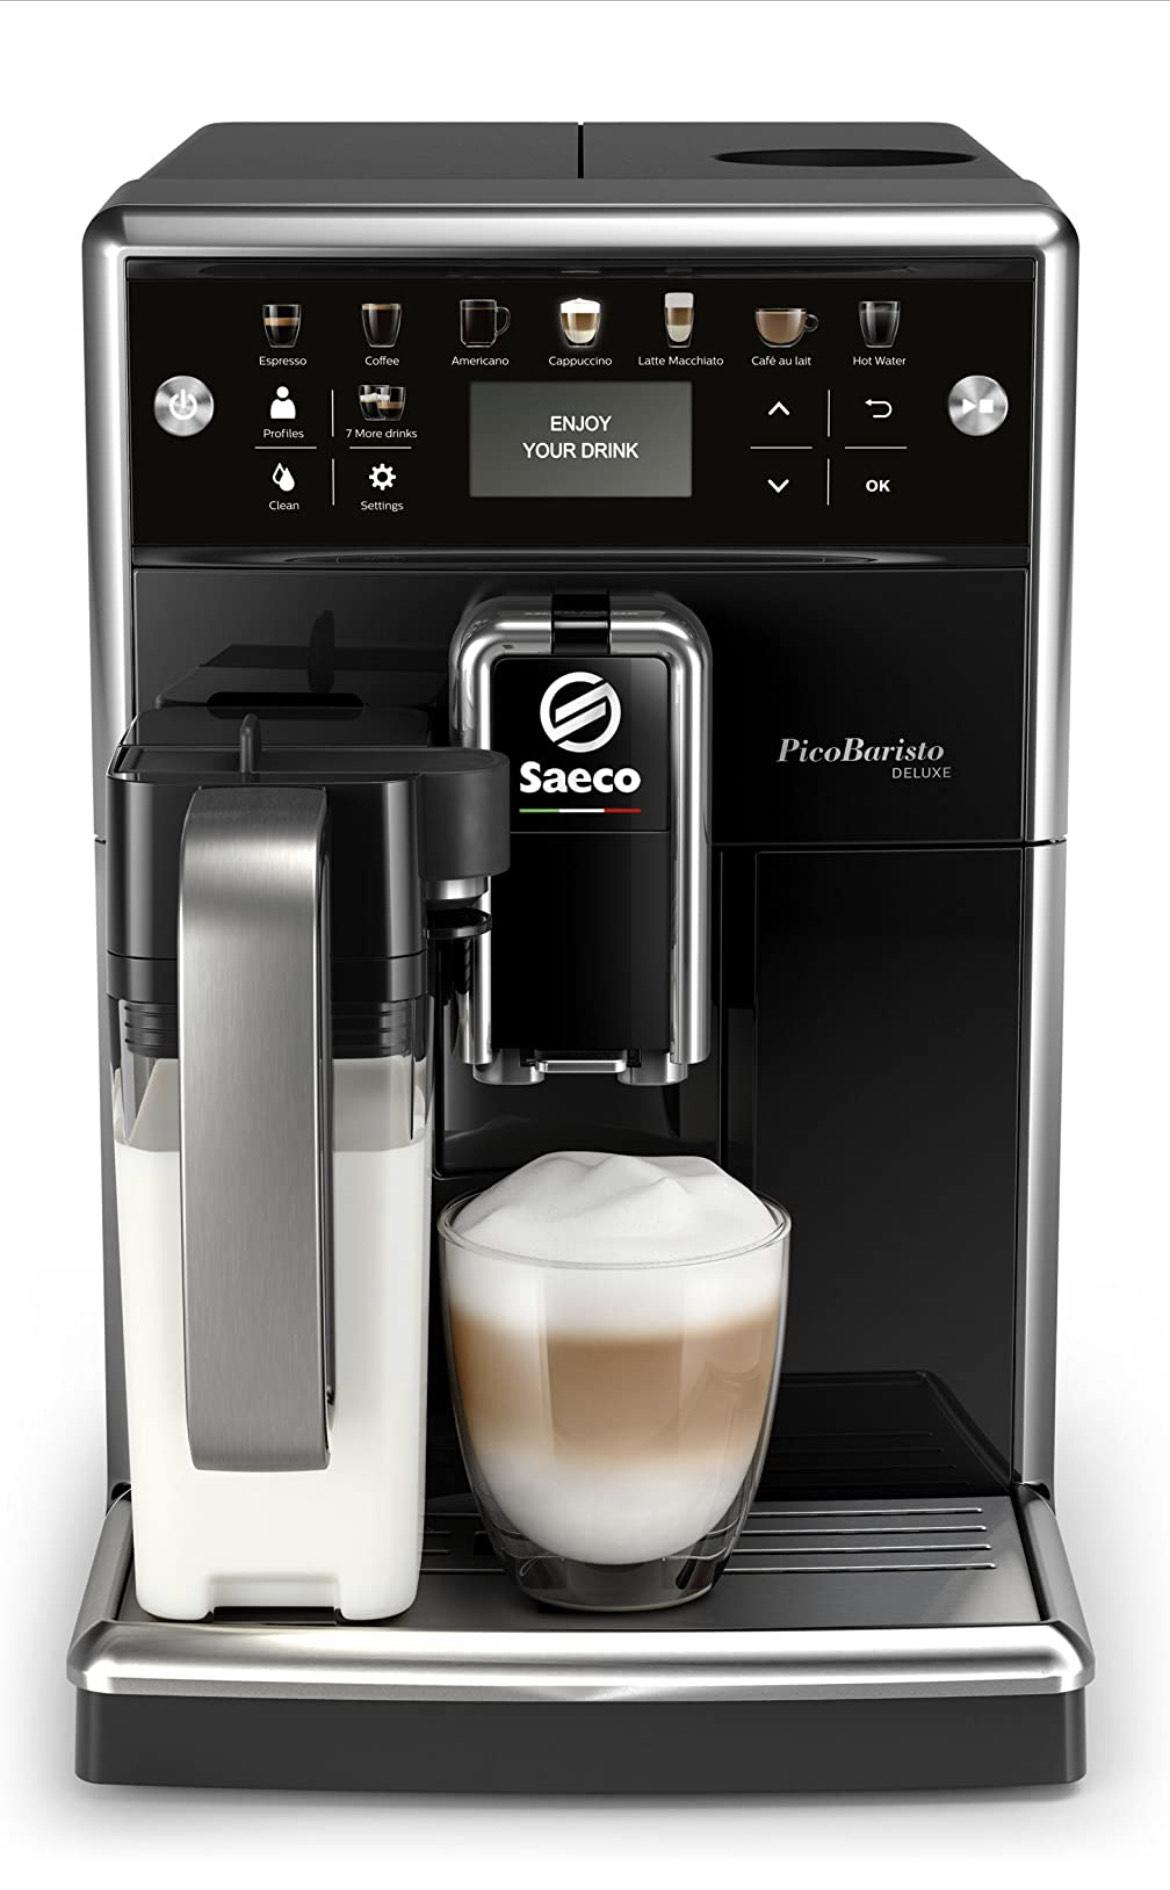 Saeco PicoBaristo Deluxe SM5570/10 Kaffeevollautomat [Amazon]